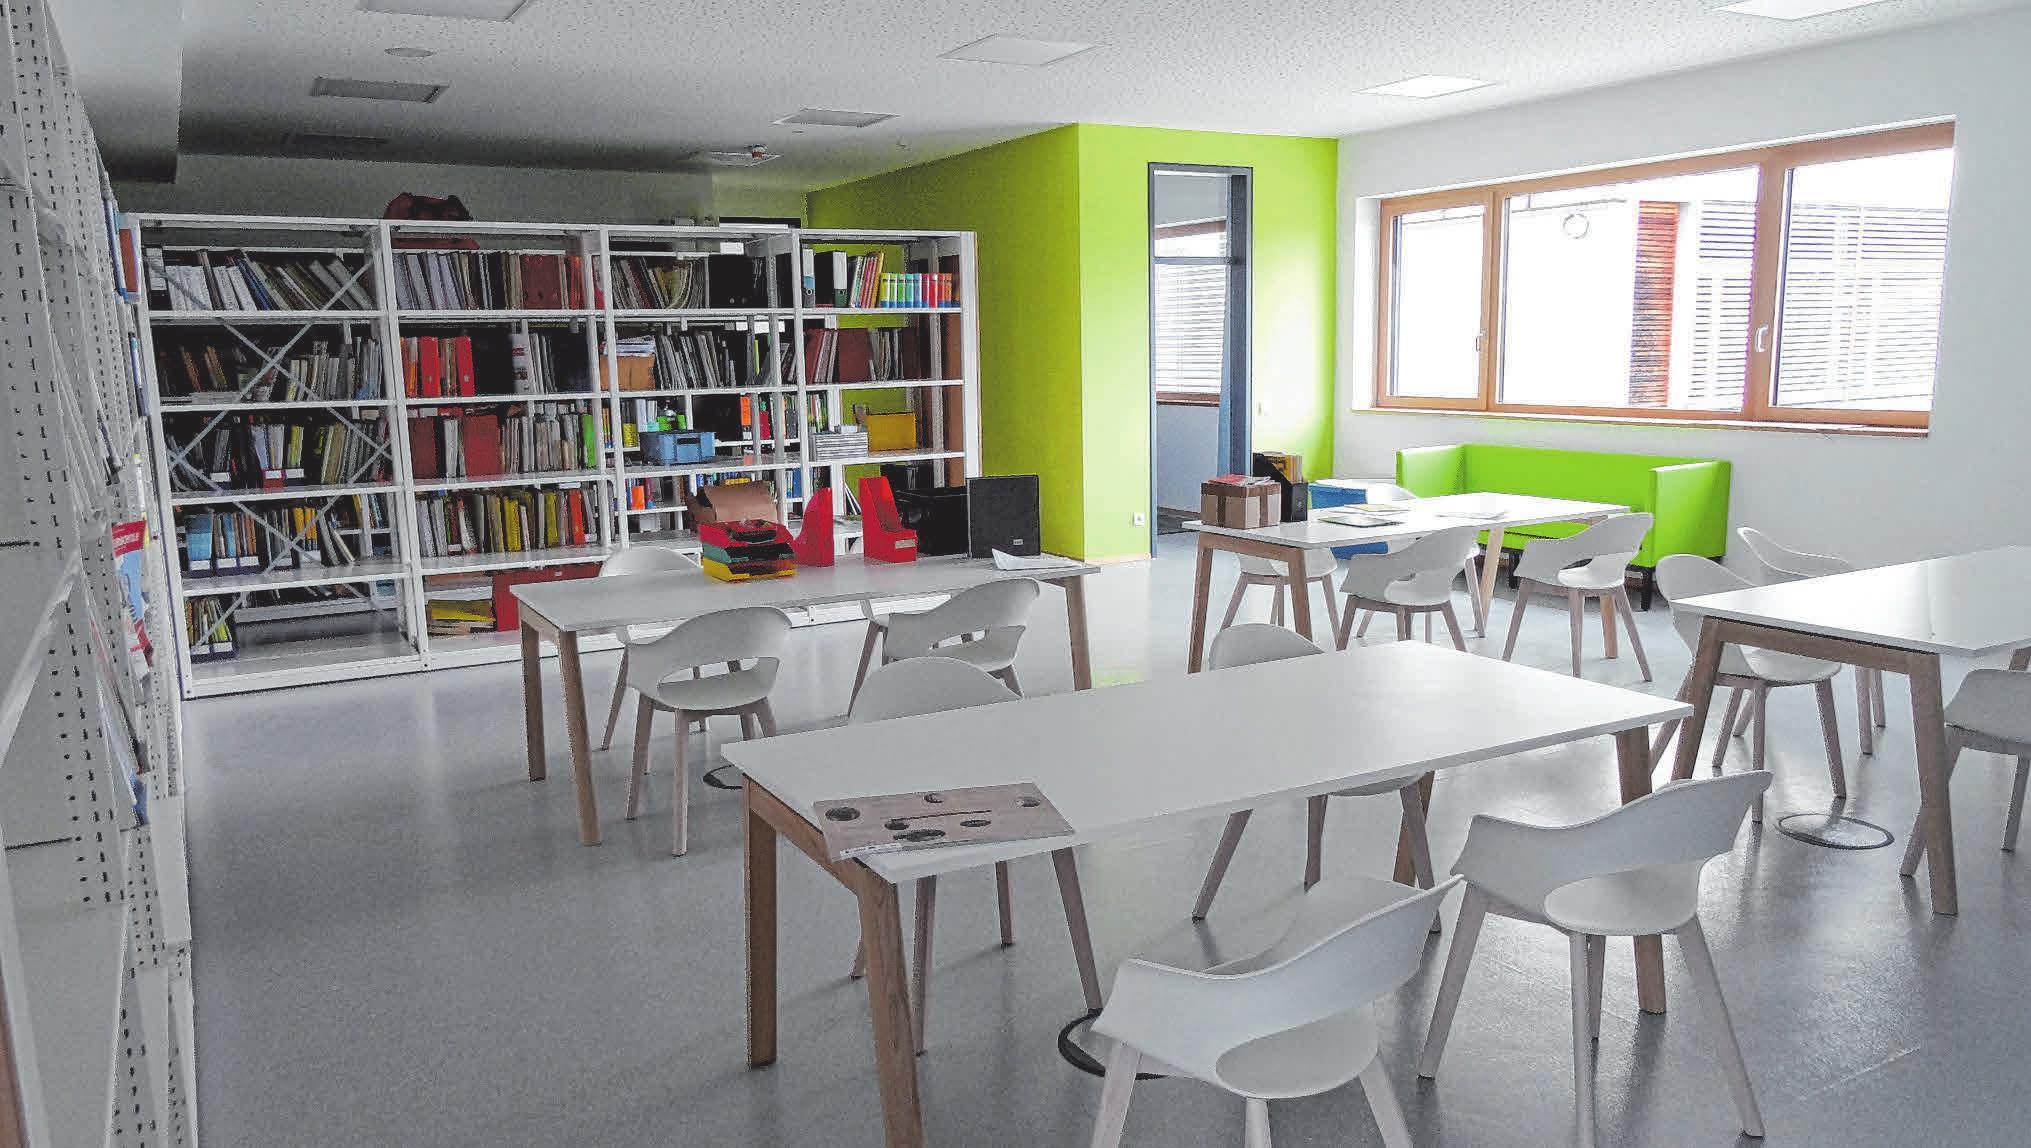 Auch die Lehrerschaft bekommt neue, moderne und vor allem größere Räume, so wie hier das Lehrervorbereitungszimmer